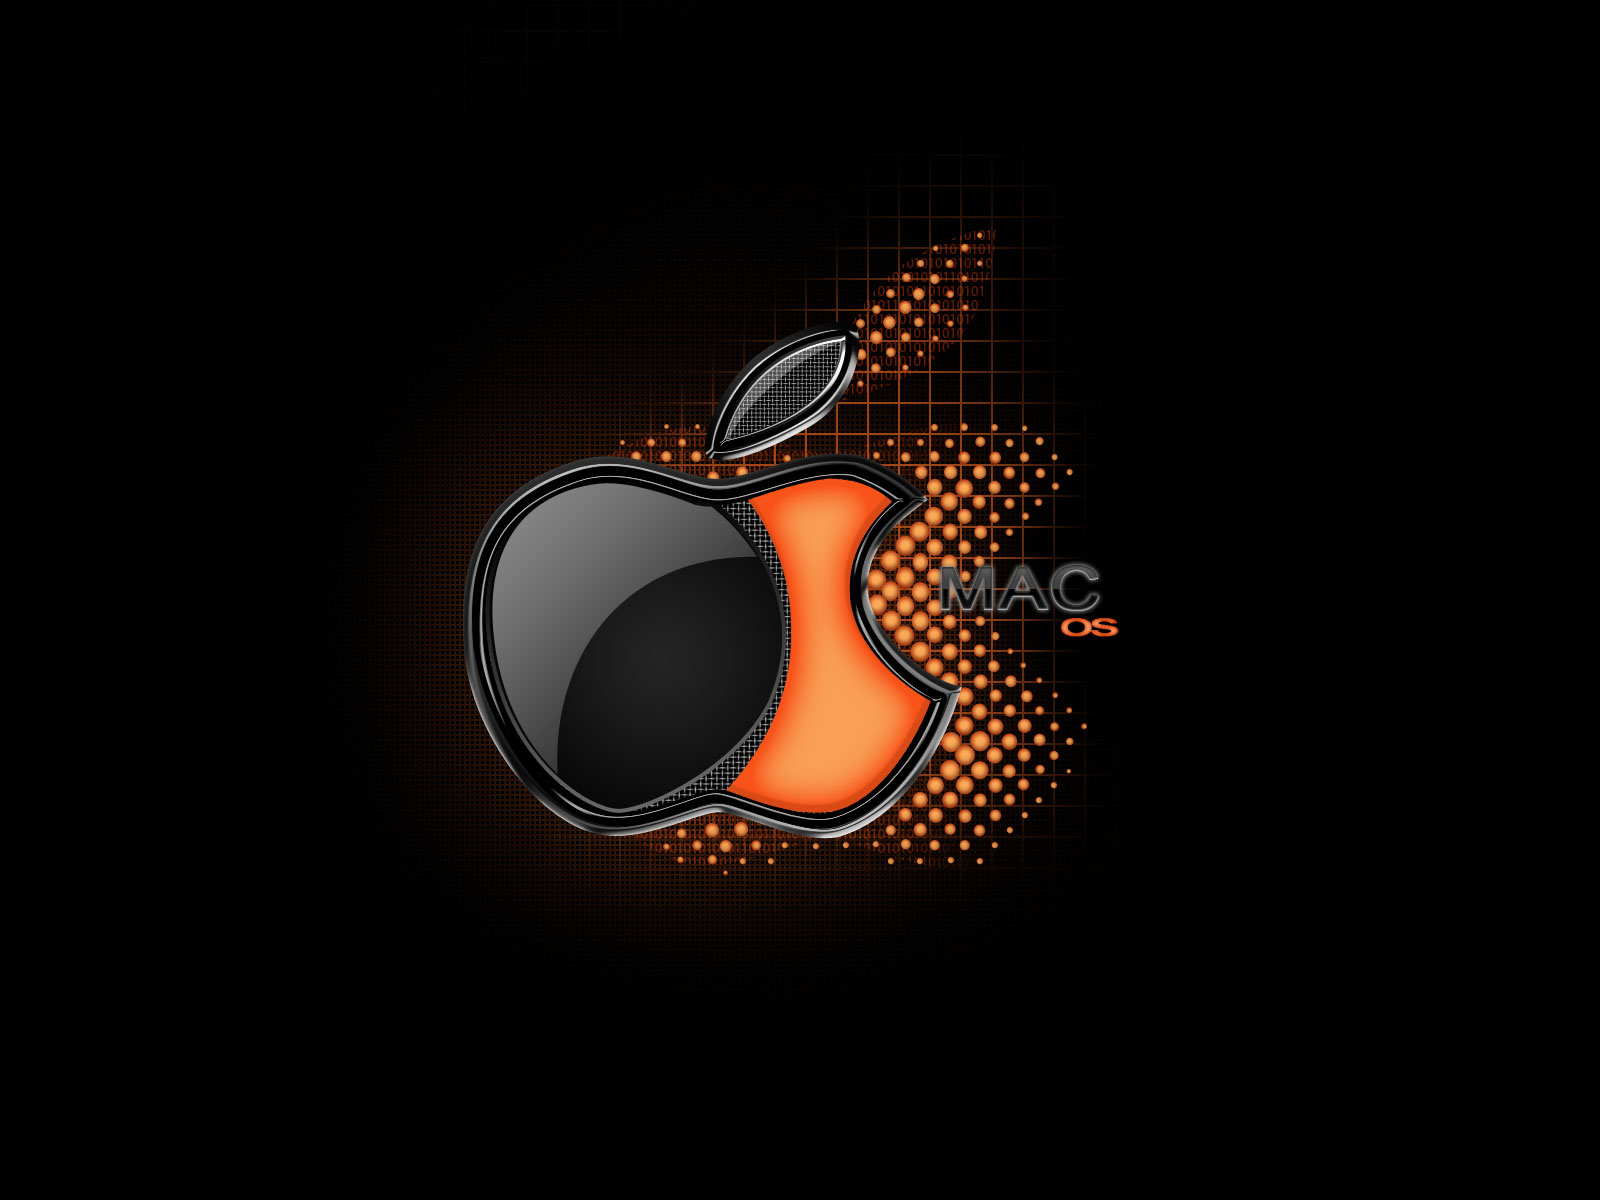 http://1.bp.blogspot.com/_3sU0MnRawMI/TTf_tWuy_FI/AAAAAAAAEFc/Awvt03vS_z0/s1600/Mac%2BOS%2BX.jpg